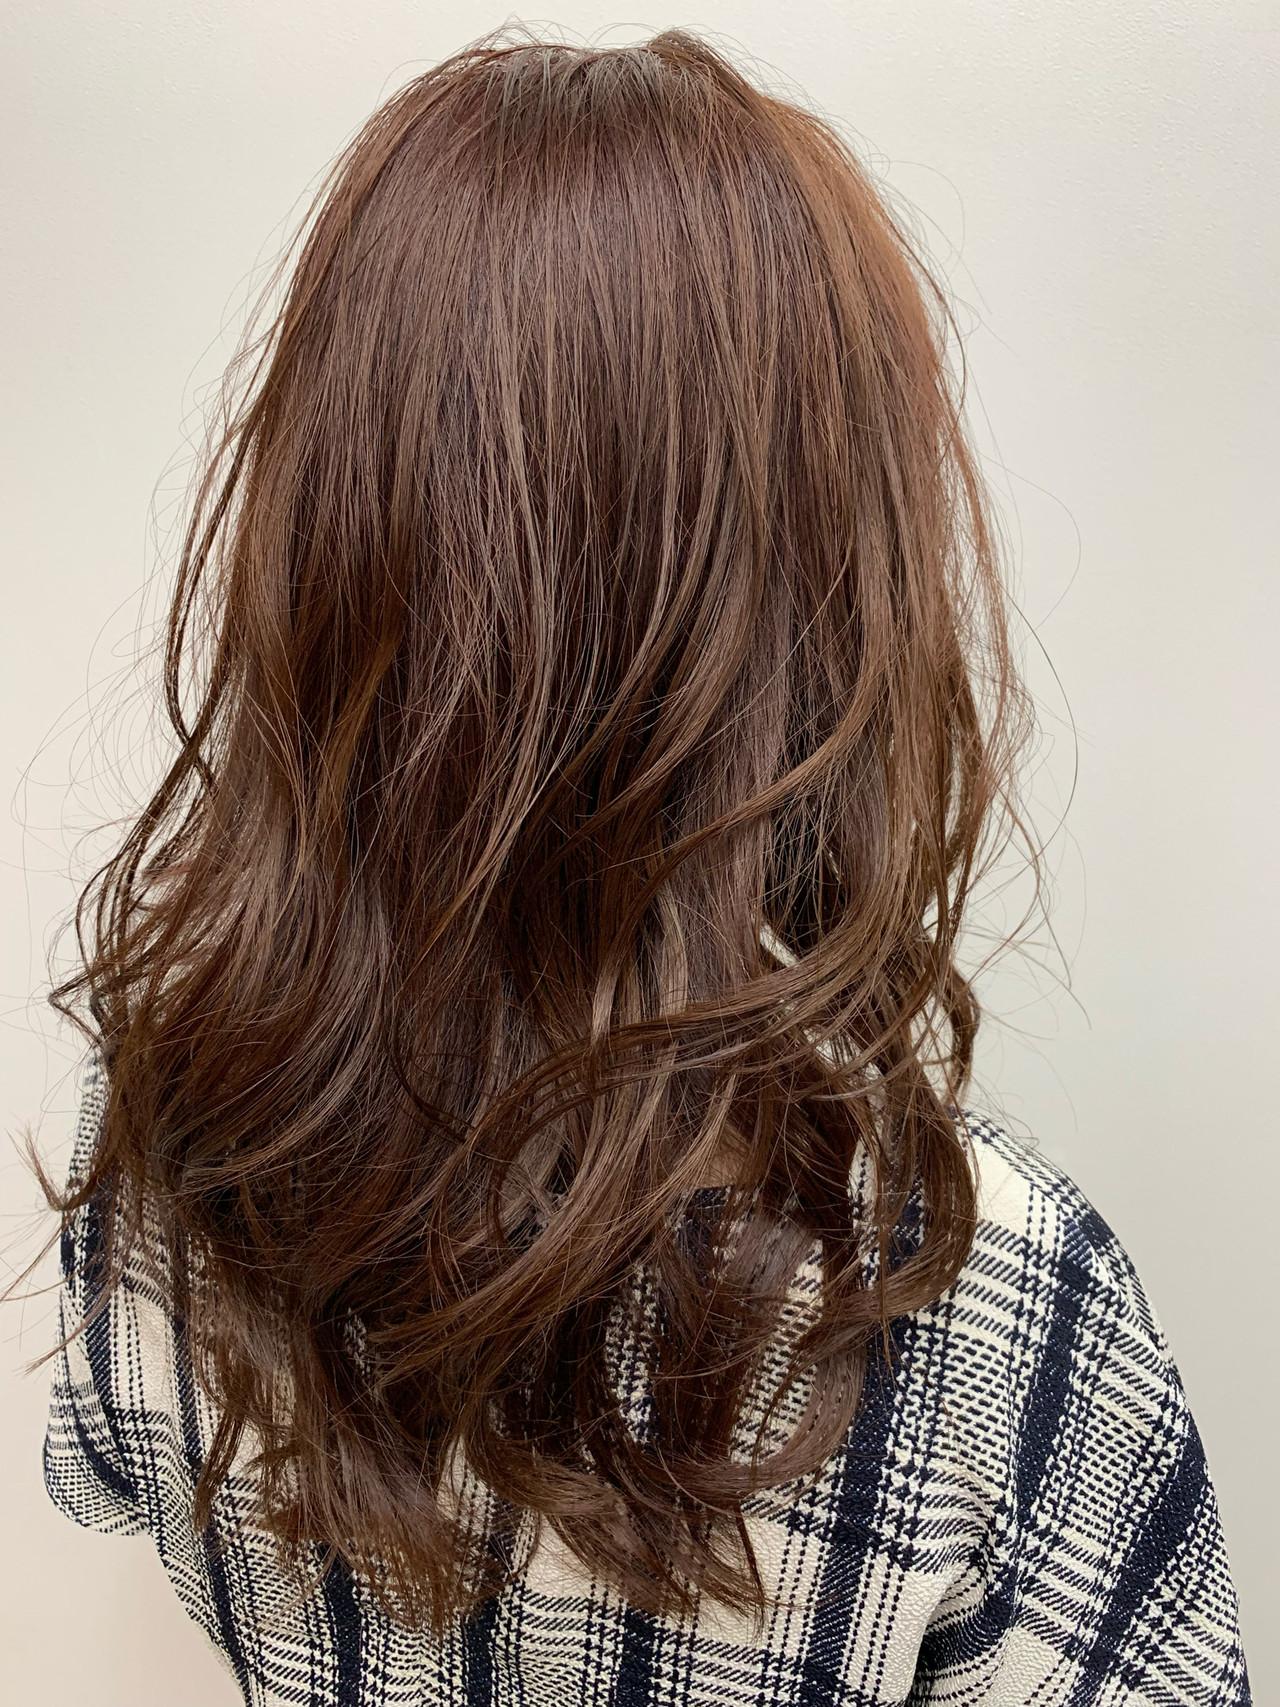 大人かわいい イルミナカラー ナチュラル 外国人風カラー ヘアスタイルや髪型の写真・画像